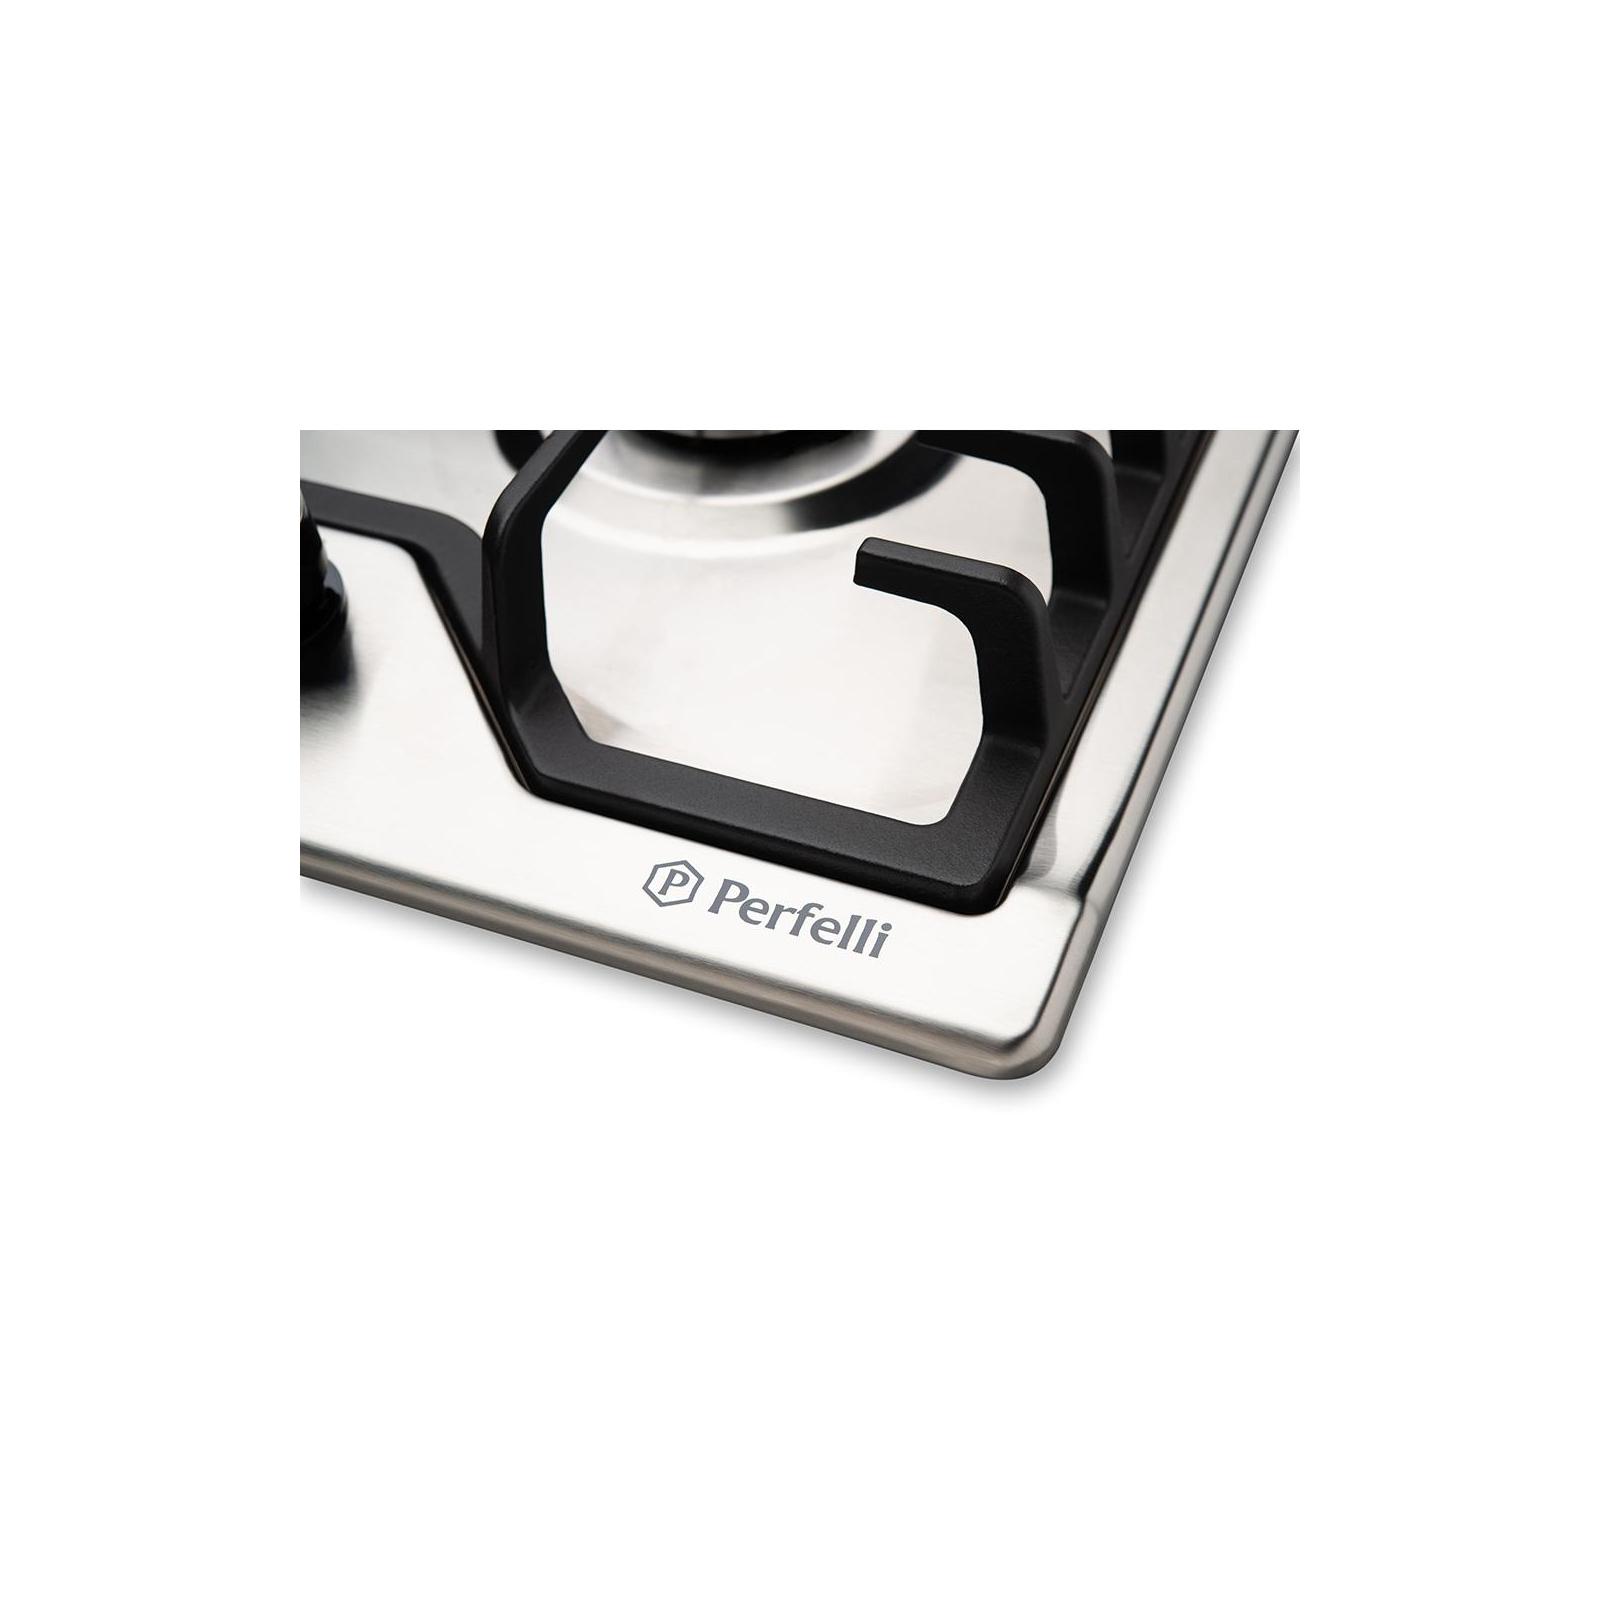 Варочная поверхность PERFELLI HGM 61022 I изображение 5